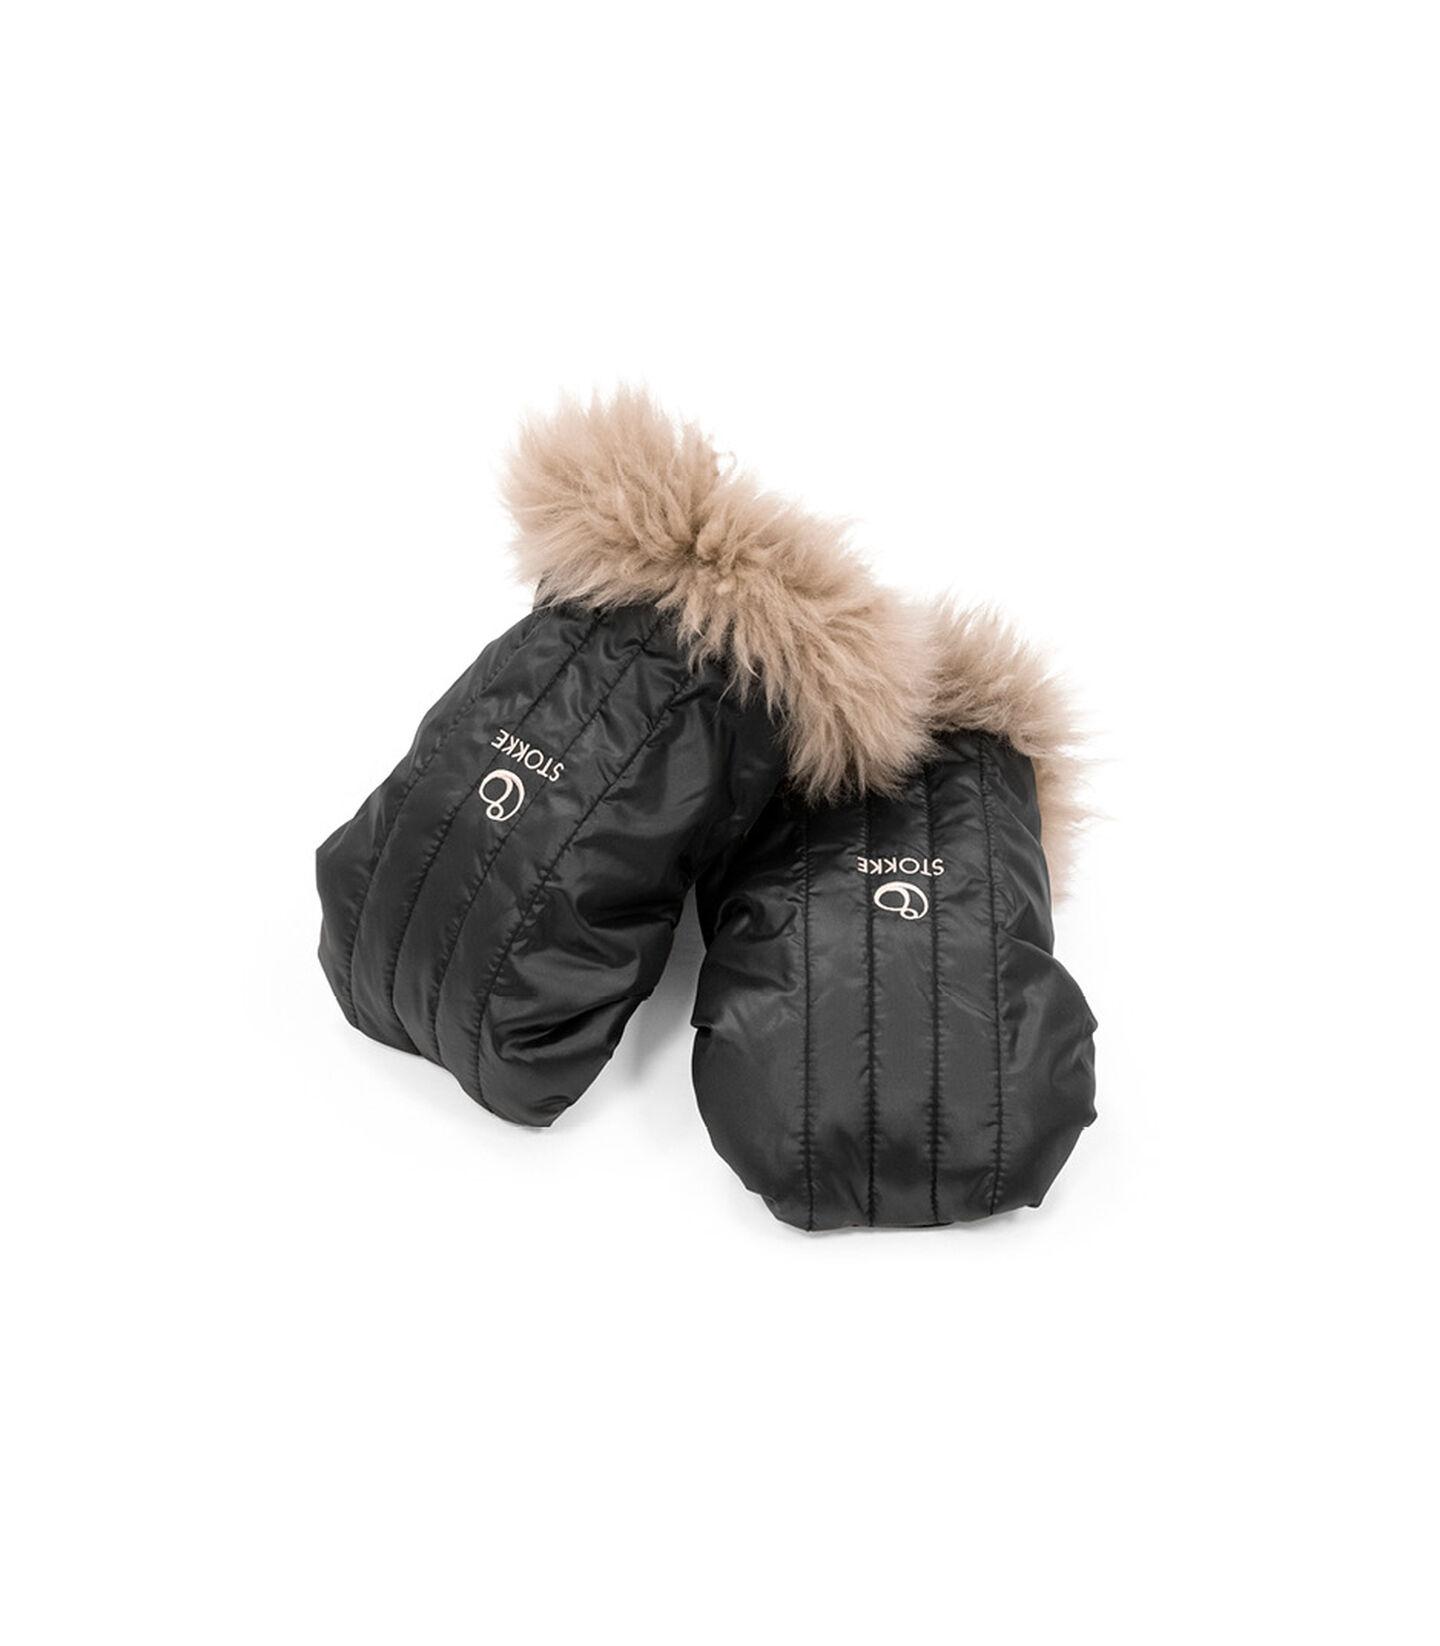 Stokke® Stroller Mittens, Onyx Black. Part of Stokke® Stroller Winter Kit.